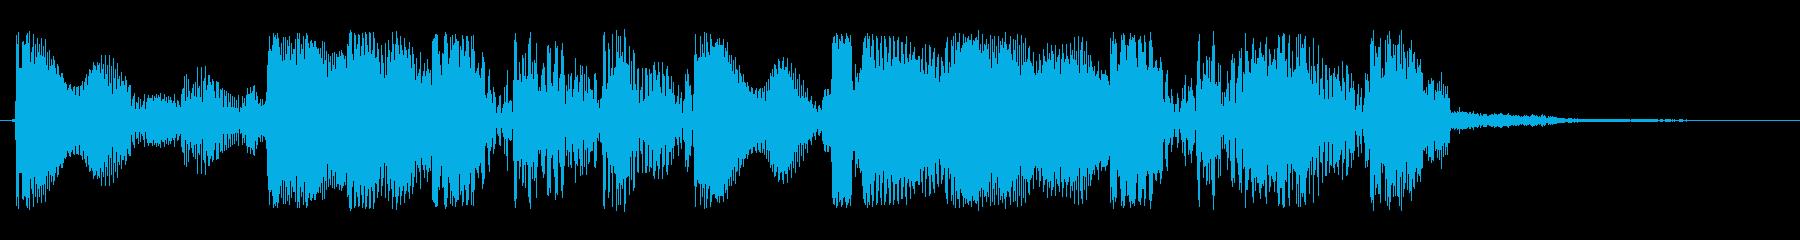 都市的 ジャズの再生済みの波形